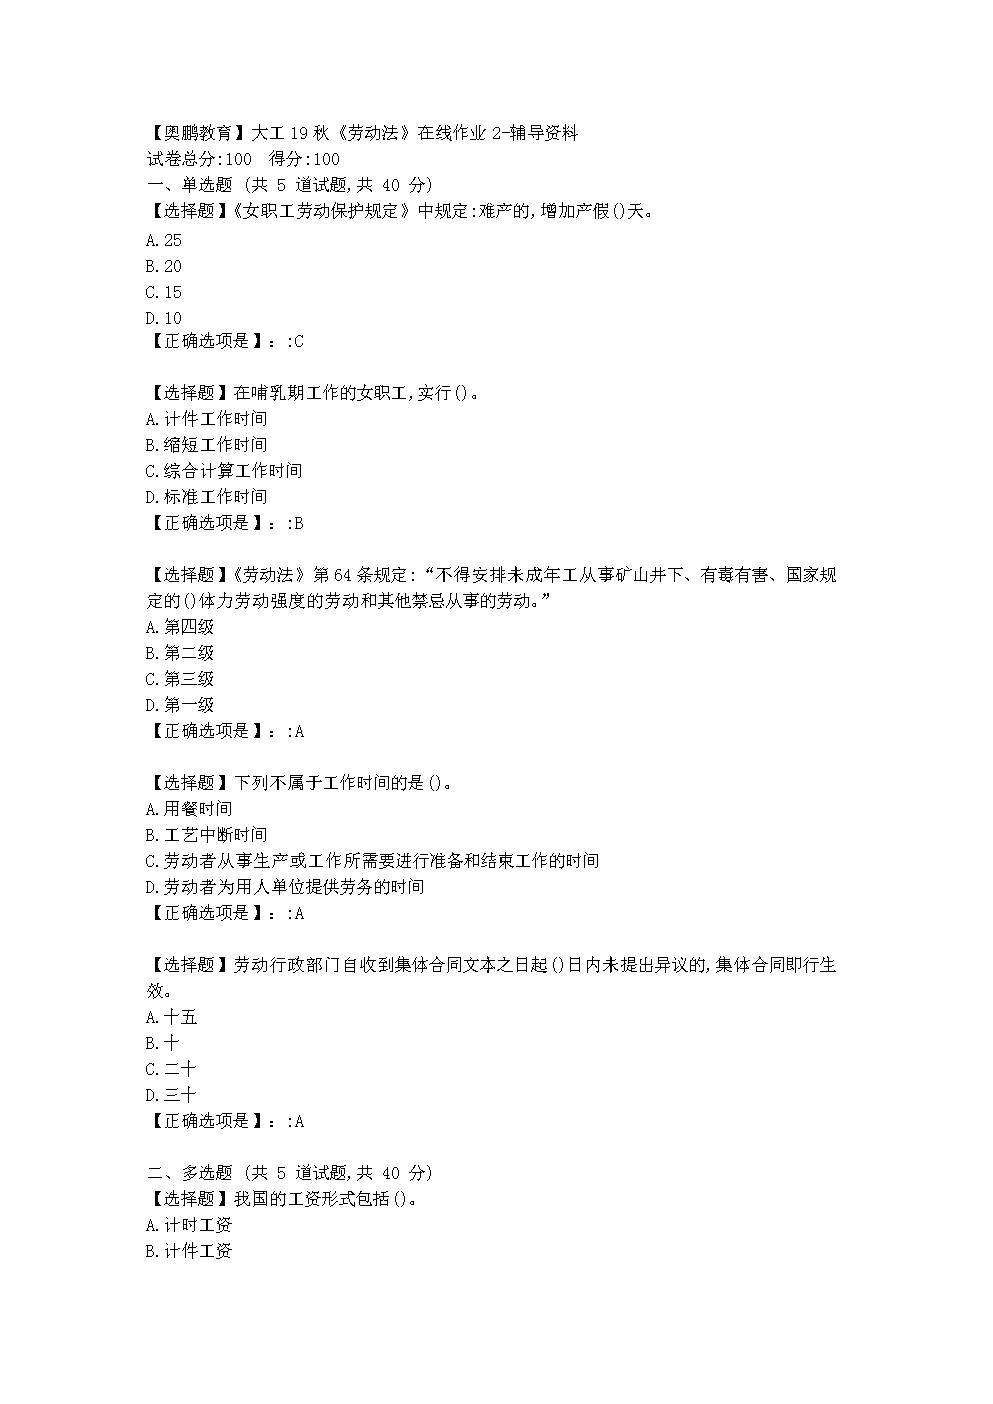 大连理工大学19秋《劳动法》在线作业2学习资料.doc